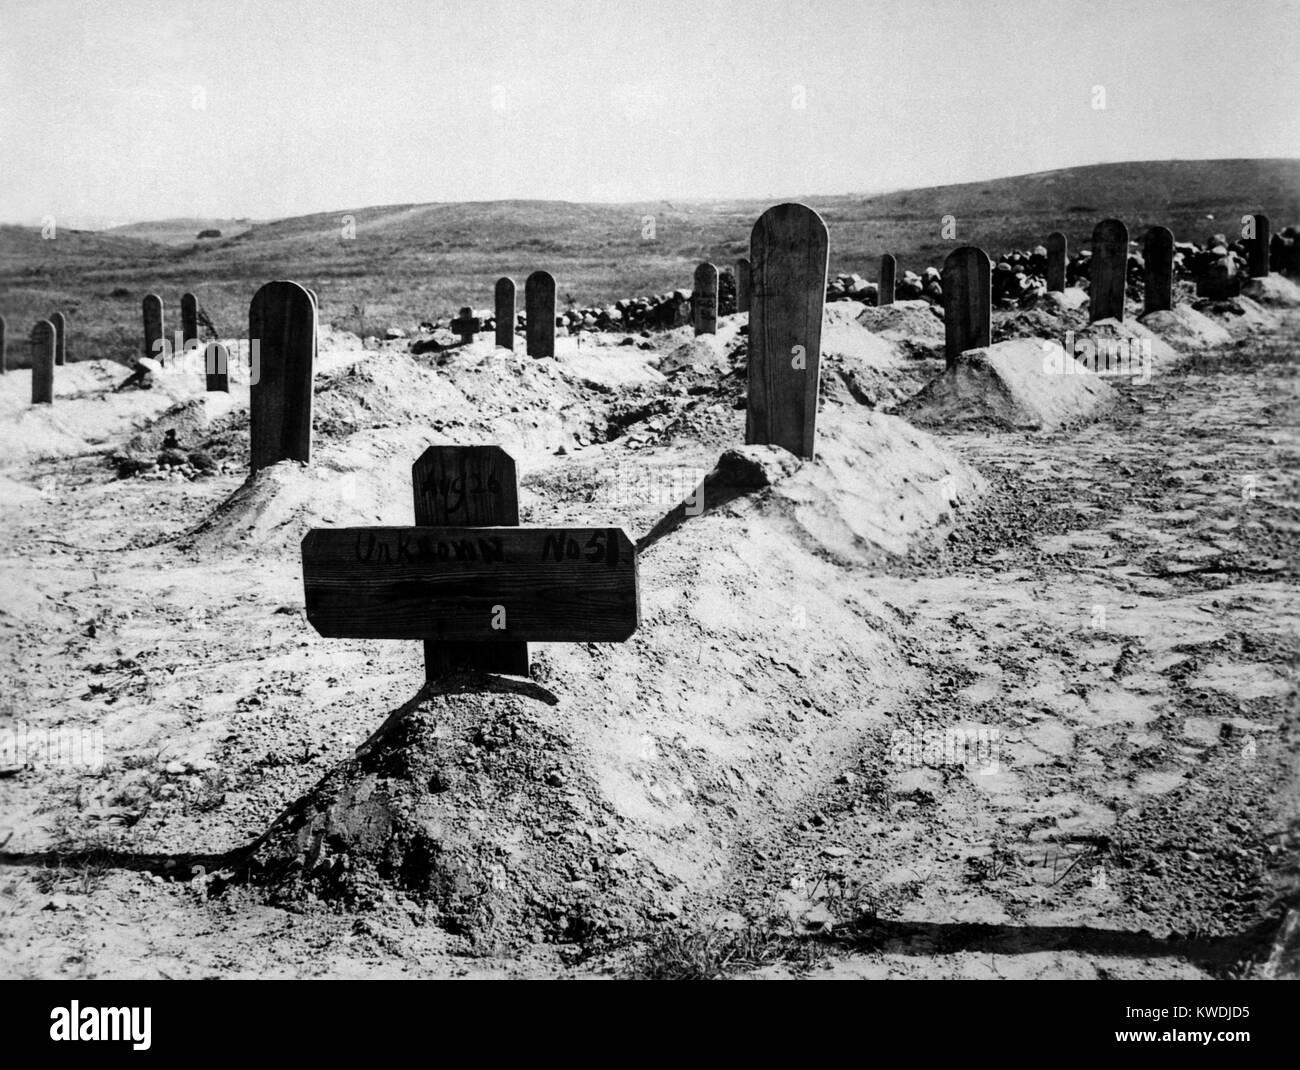 Los soldados americanos tumbas en Cuba, c. 1898. Desde mayo de 1898 hasta abril de 1899, las fuerzas estadounidenses Imagen De Stock